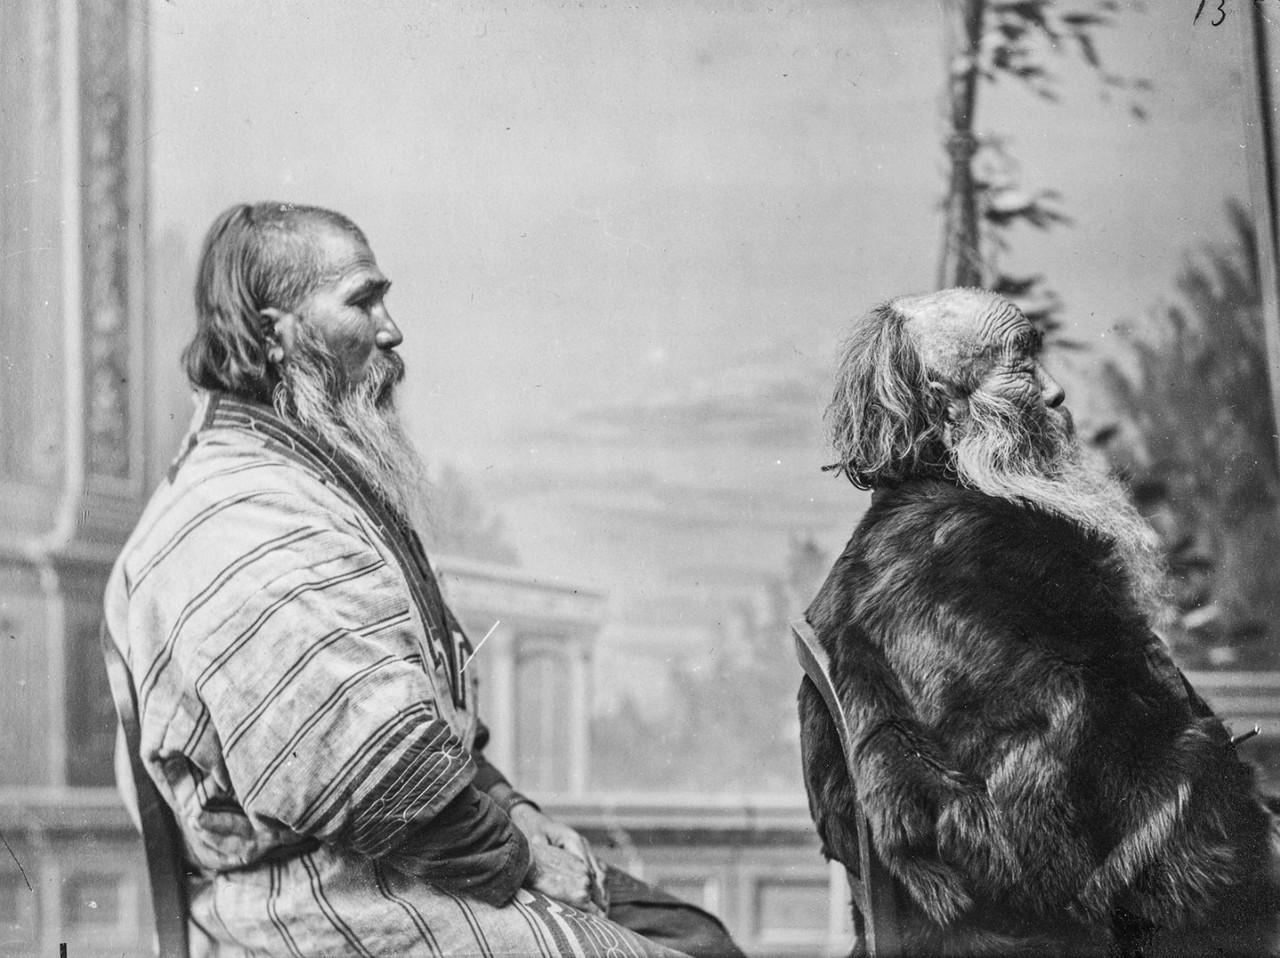 ポーランド初代国家元首の兄「ブロニスワフ・ピウスツキ」が撮影した ...